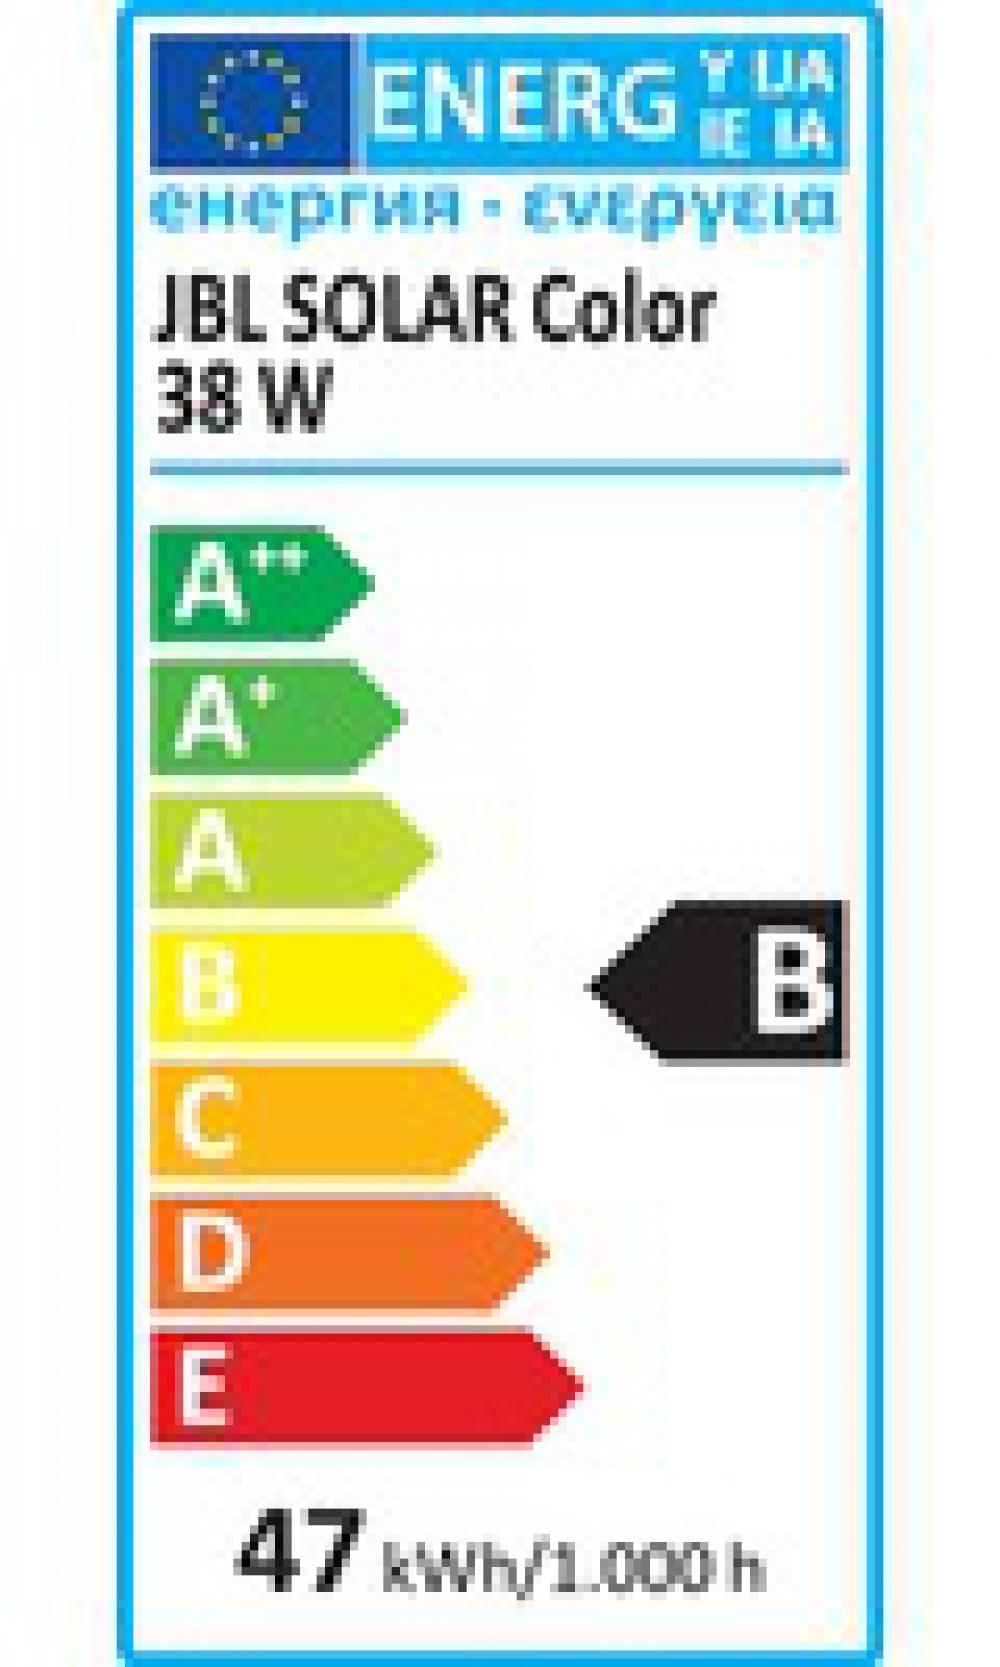 JBL SOLAR COLOR 38 Вт, 1047 мм. Люминесцентная лампа для интенсивных цветов в пресноводных аквариумах - 2